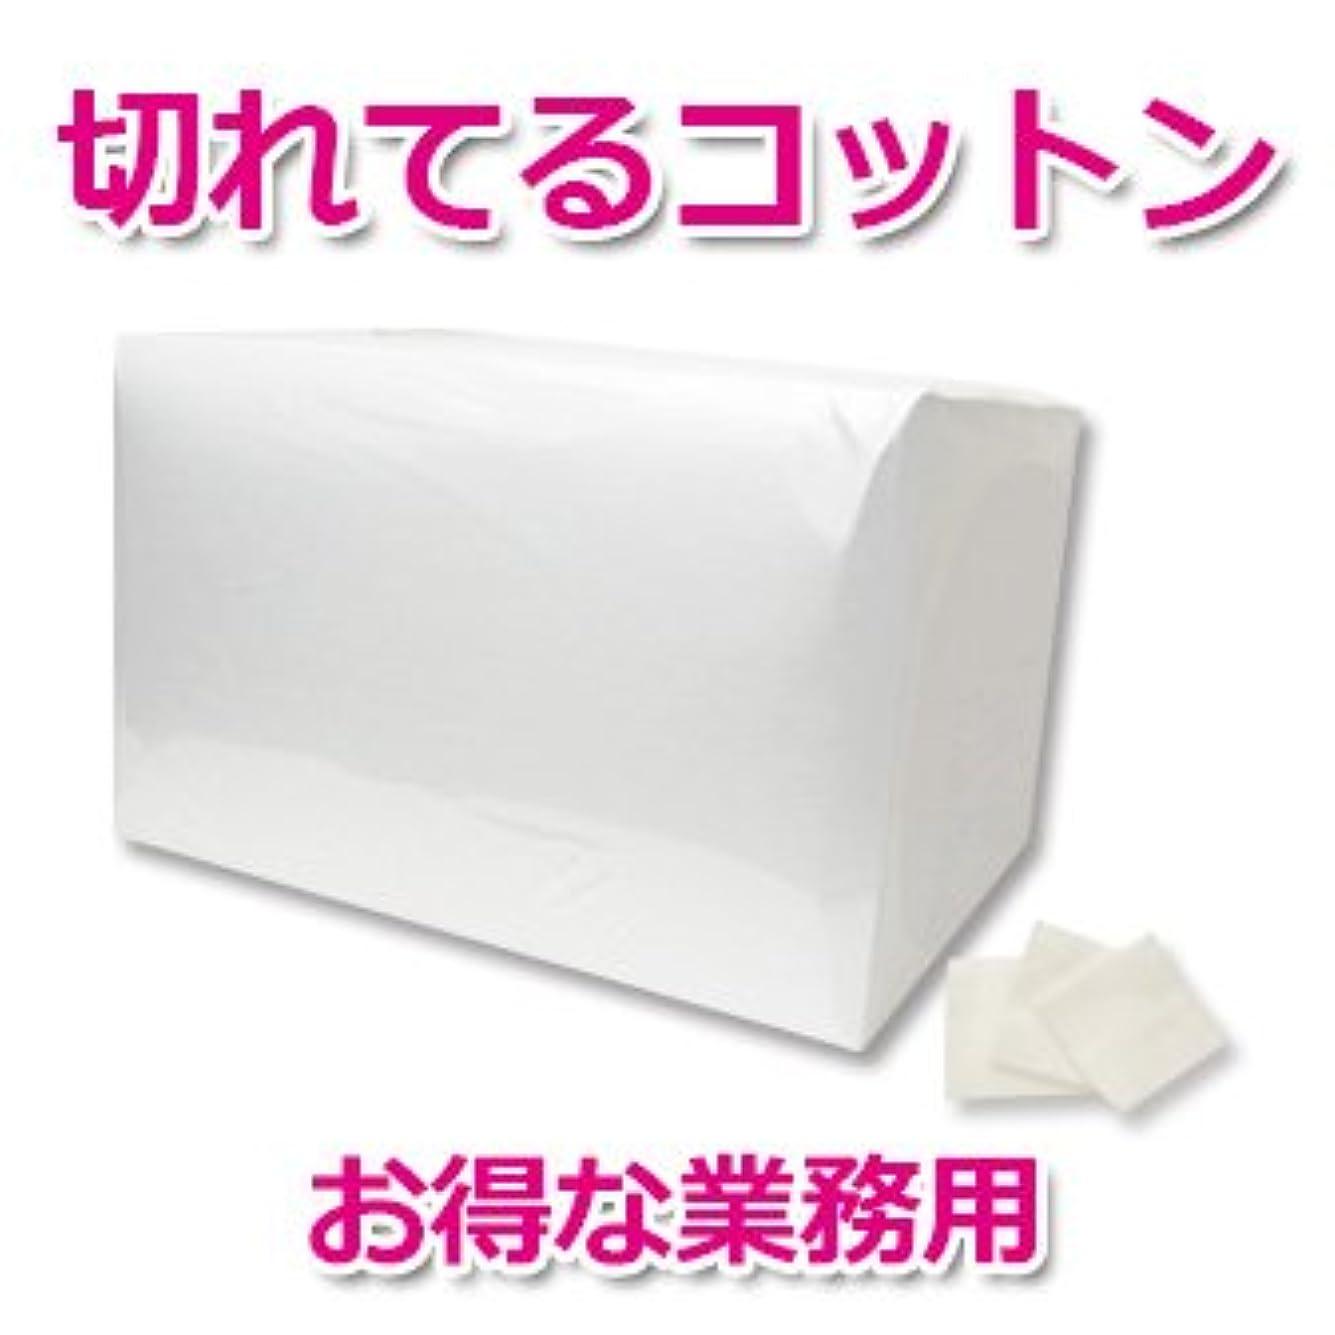 マーティフィールディング不機嫌バンド【3号】業務用コットン カットメン500g 切れてるコットン